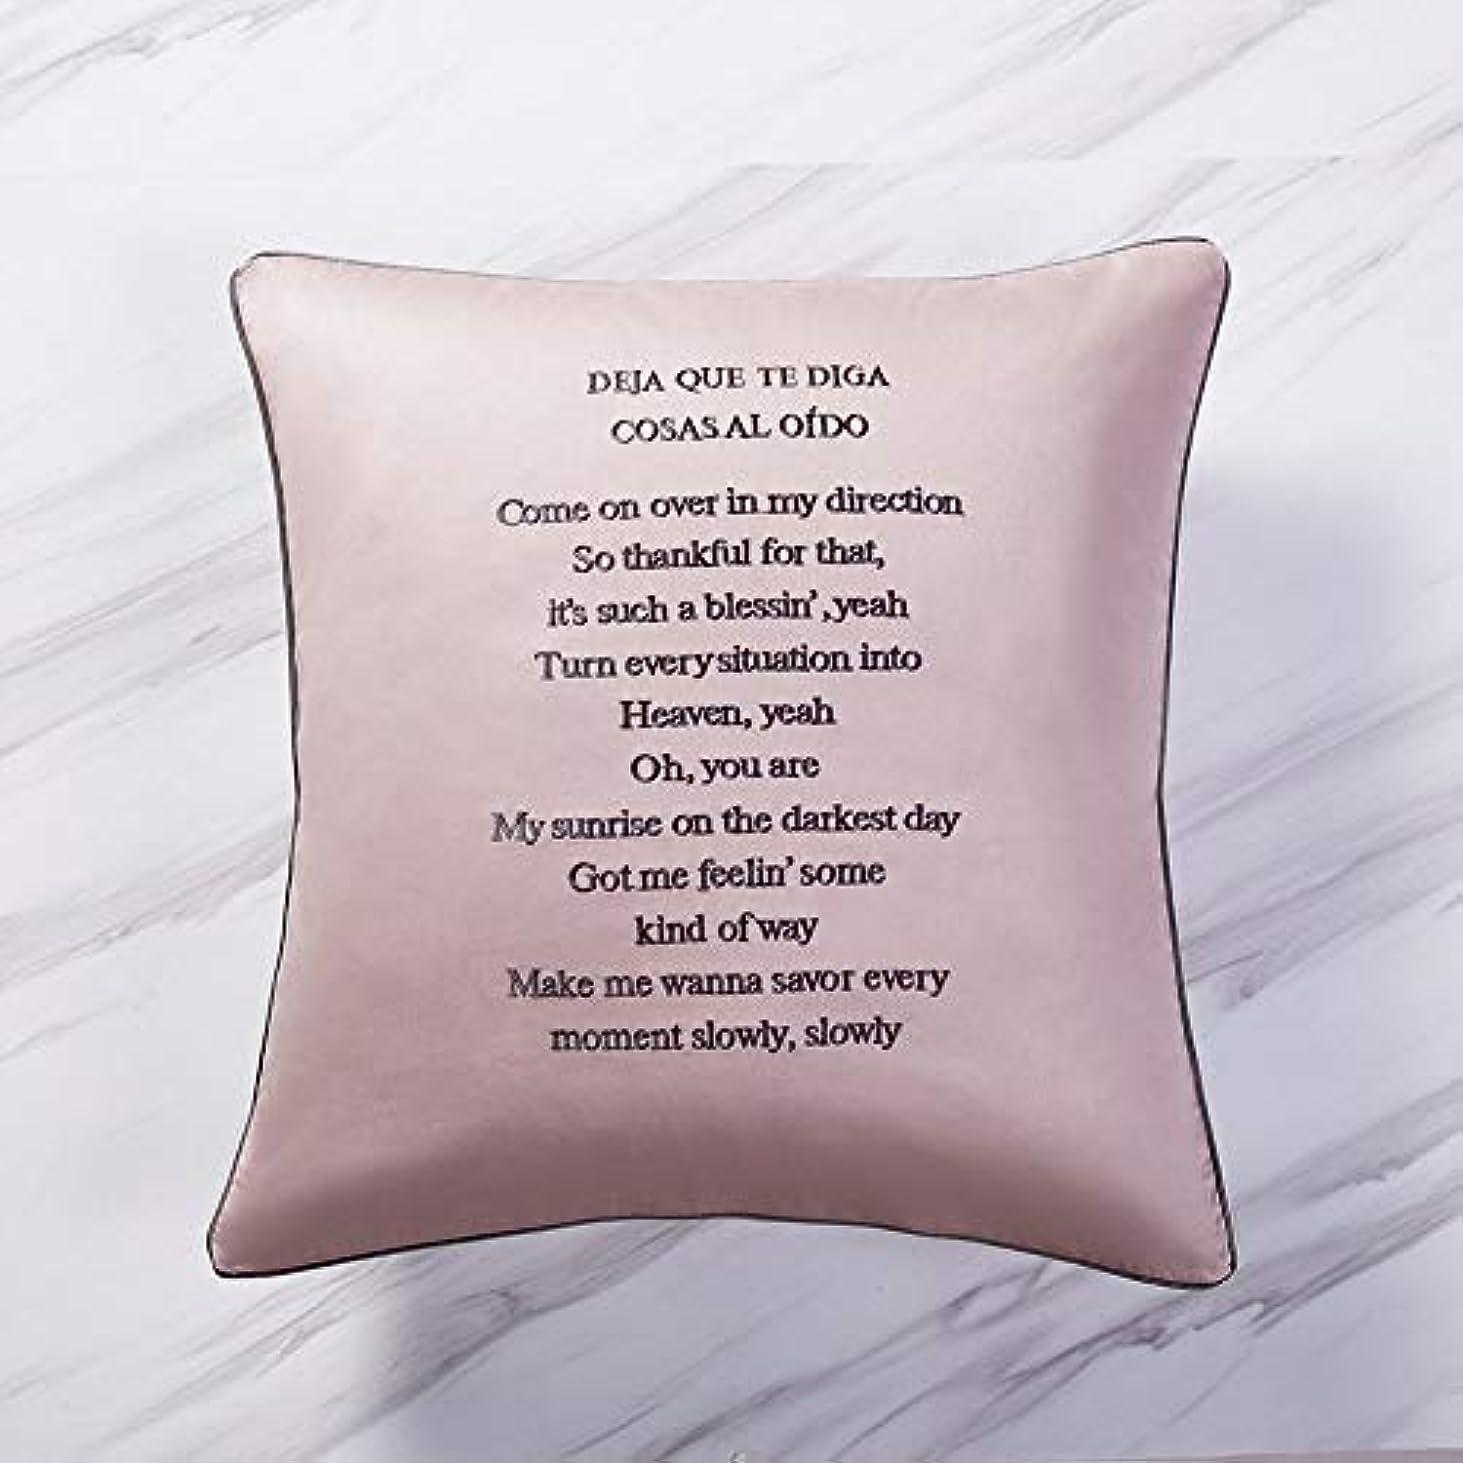 カウント言語学失礼な枕 ロングステープルコットン刺繍入りレターピローコットンソファーベッドbyウエストクッションピローケース付きコア (色 : Cream powder, Size : 45*45cm)